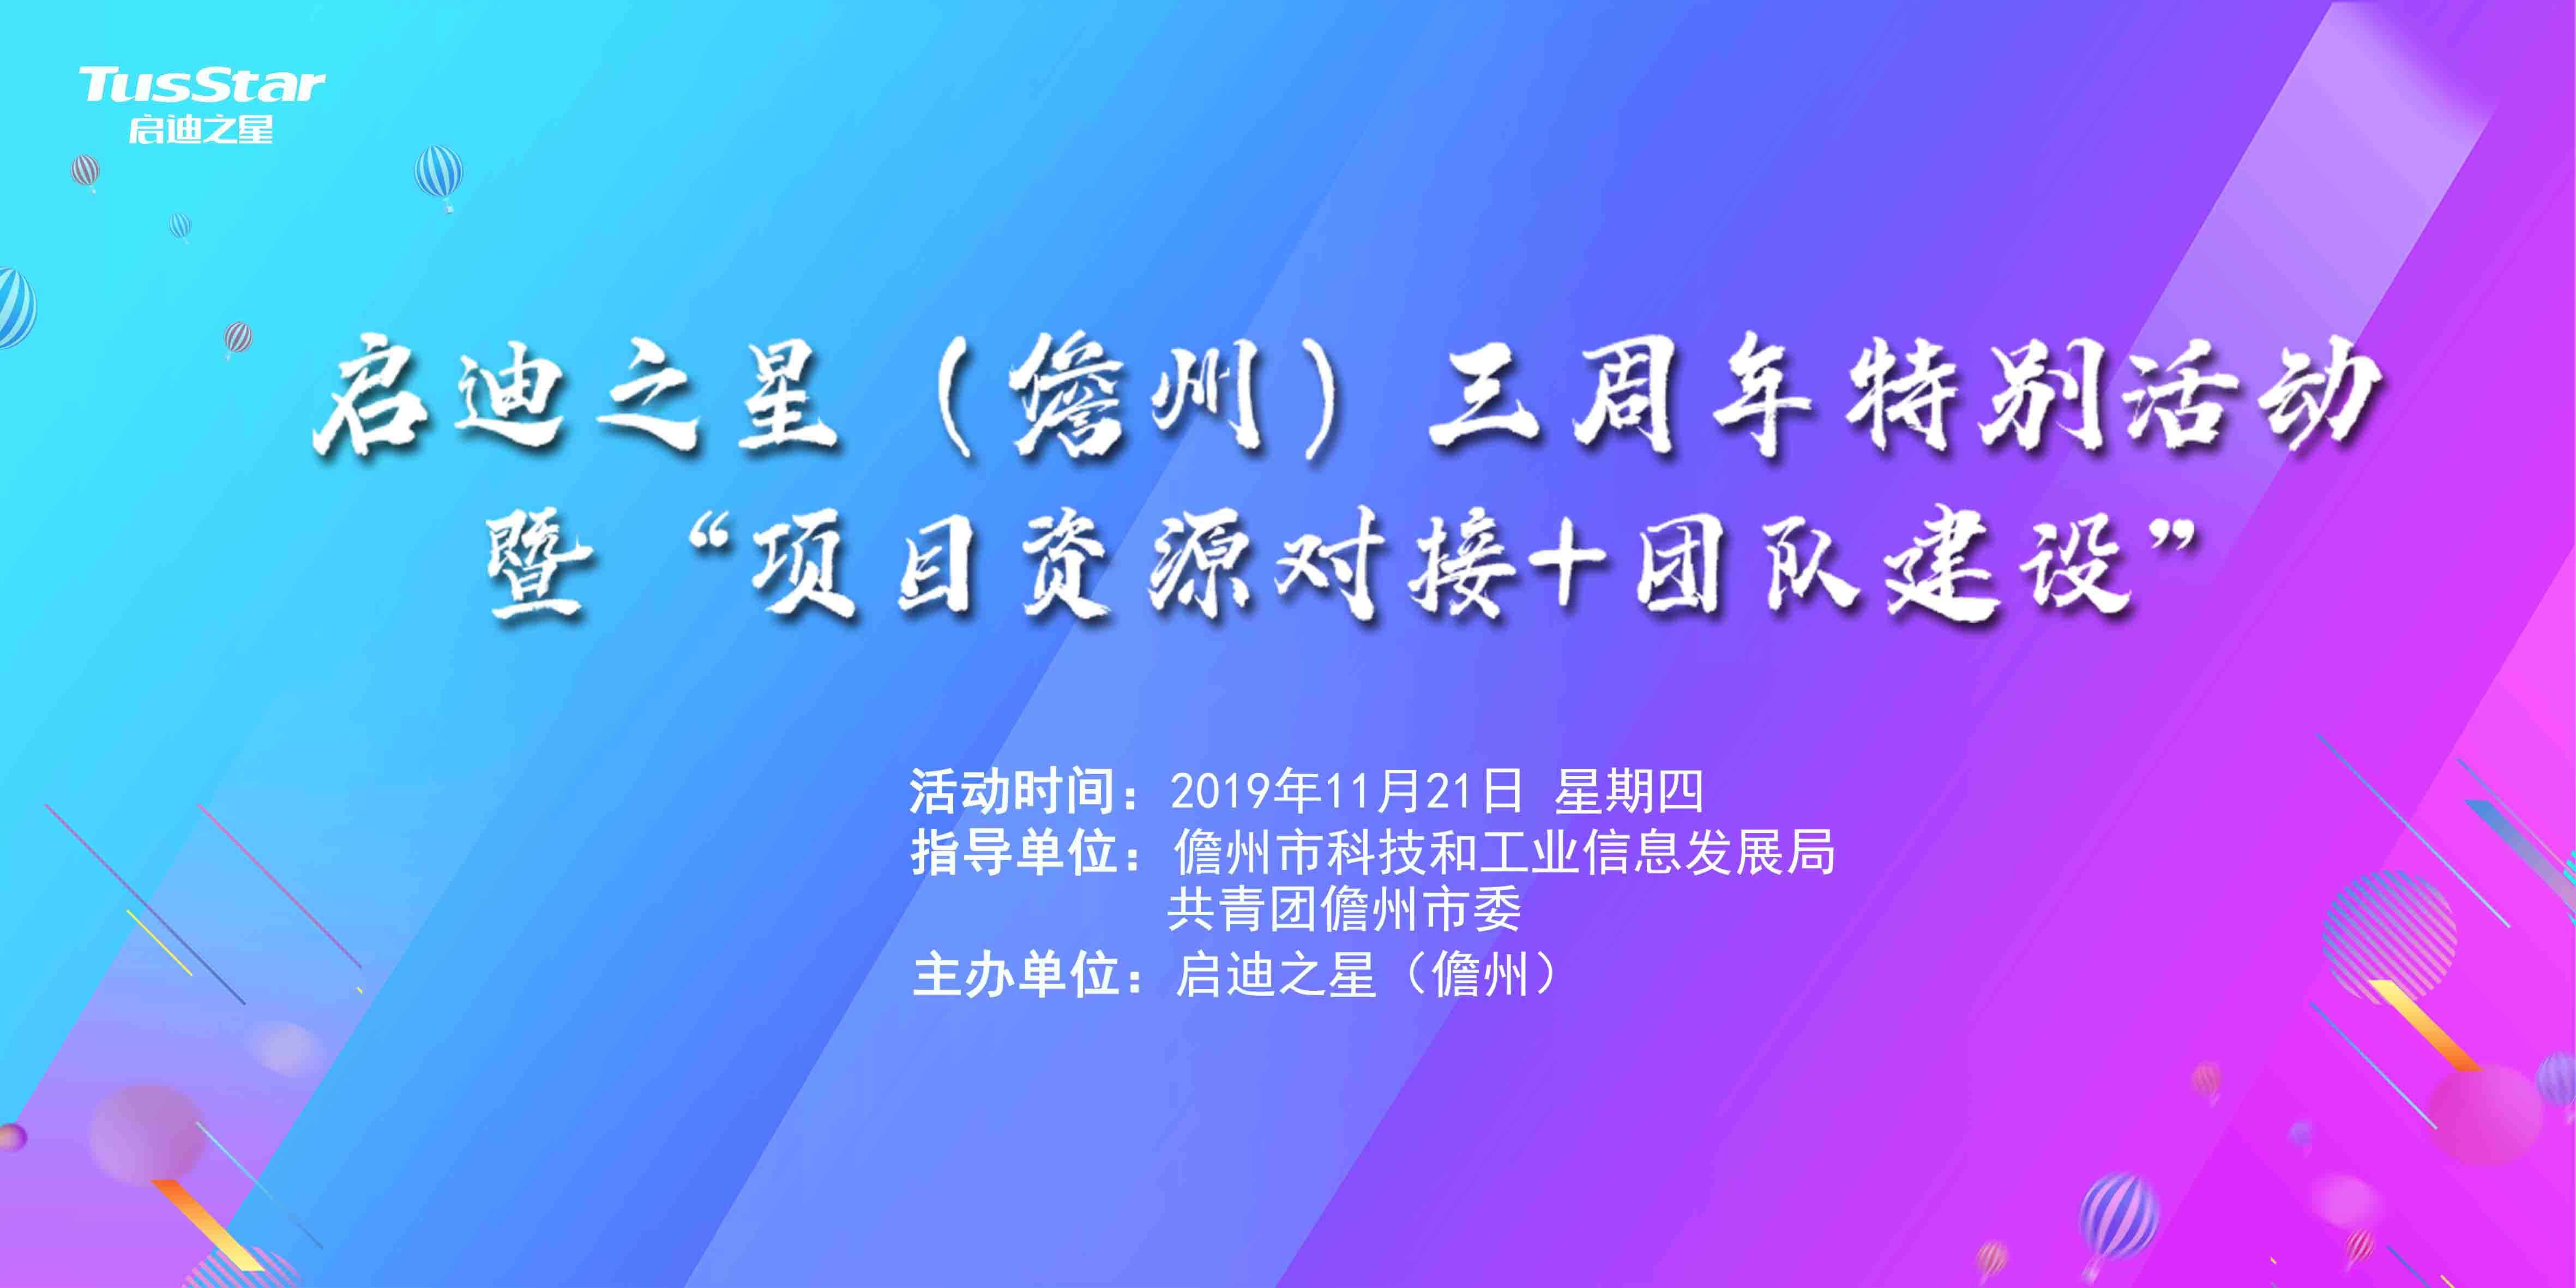 """启迪之星(儋州)三周年特别活动暨 """"项目资源对接+团队建设"""""""